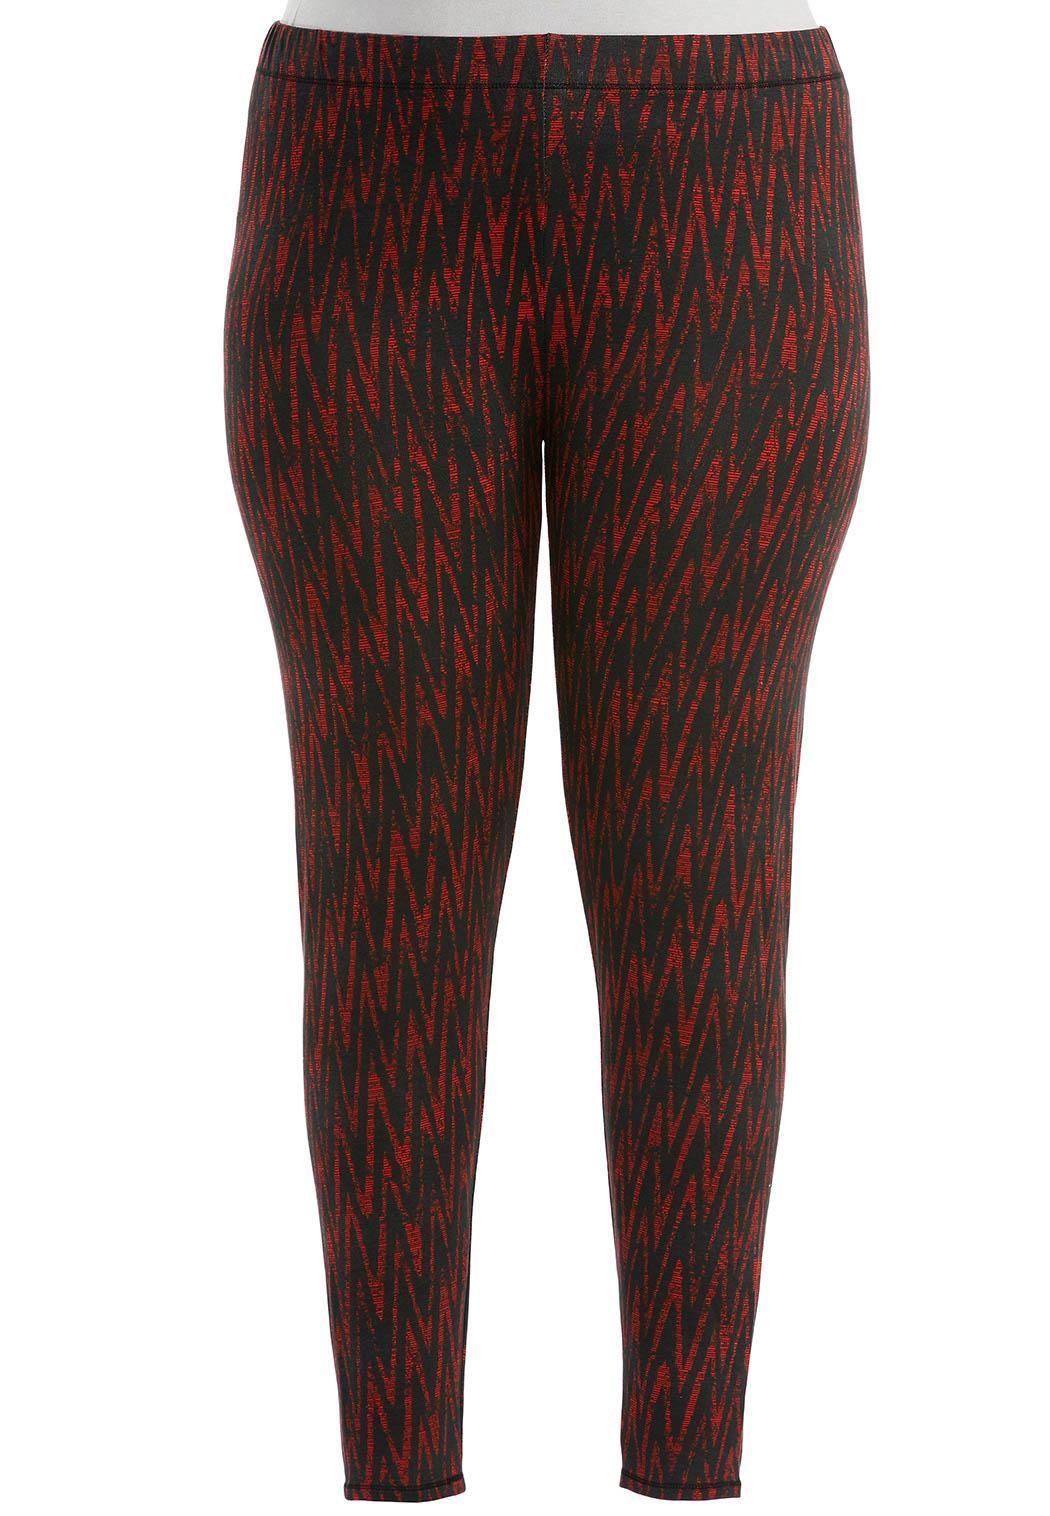 96a6170079 Chevron Printed Leggings- Plus Pants Cato Fashions